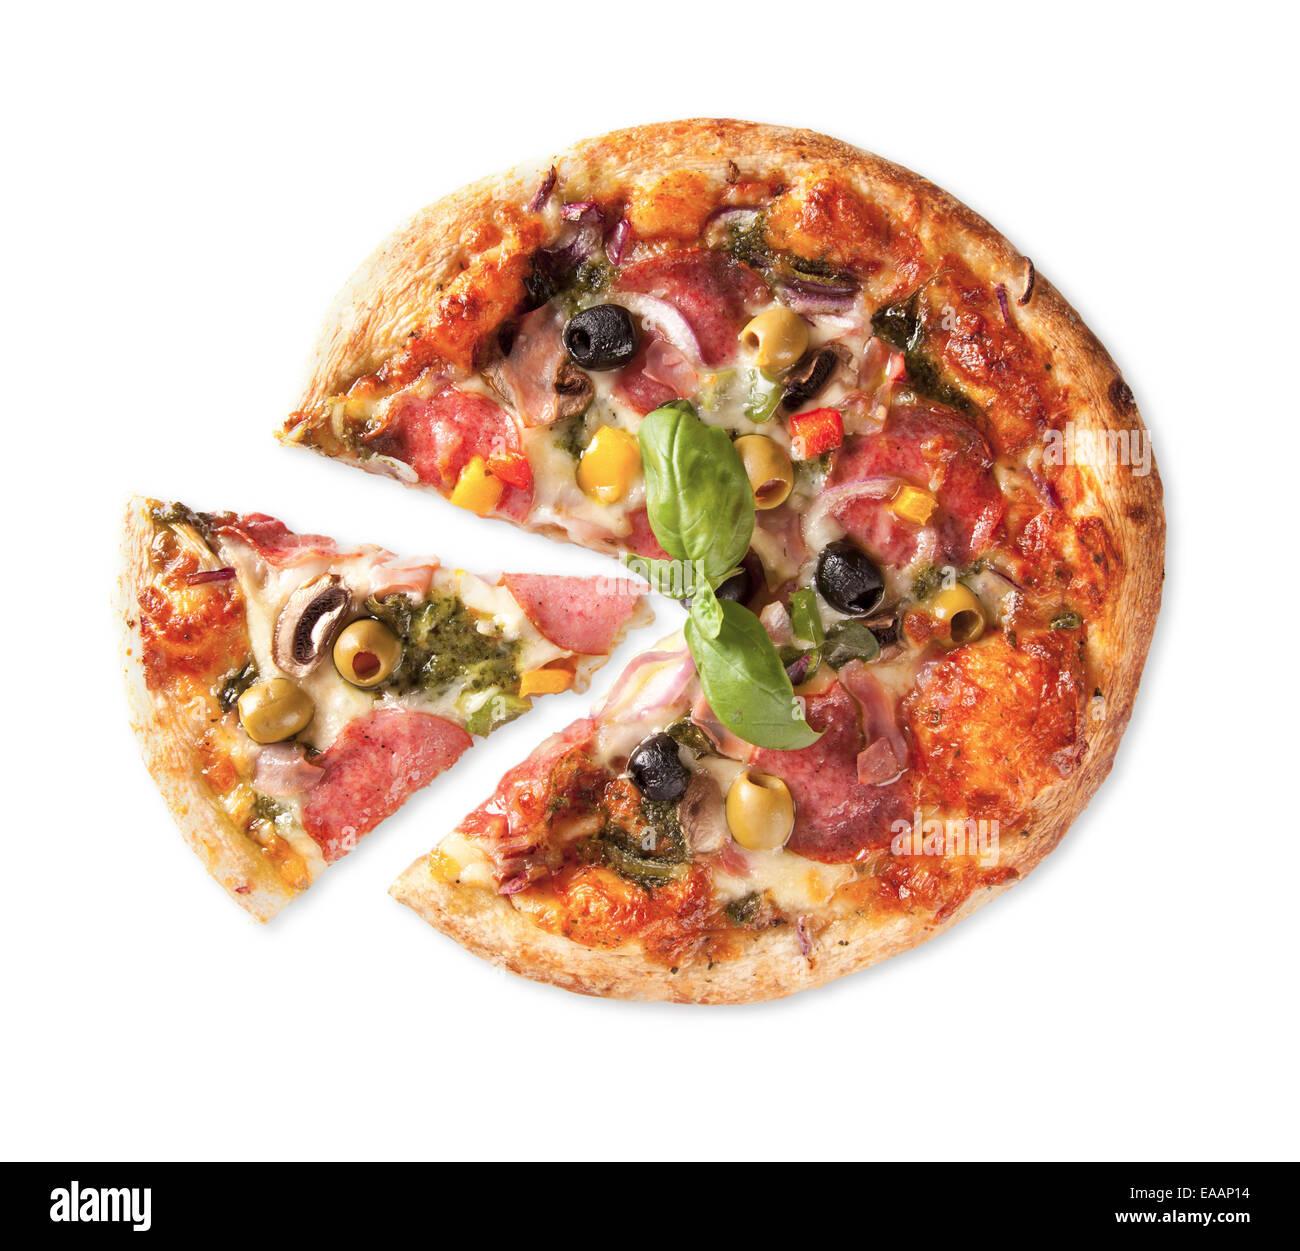 Una deliziosa pizza intero isolato su sfondo bianco Immagini Stock